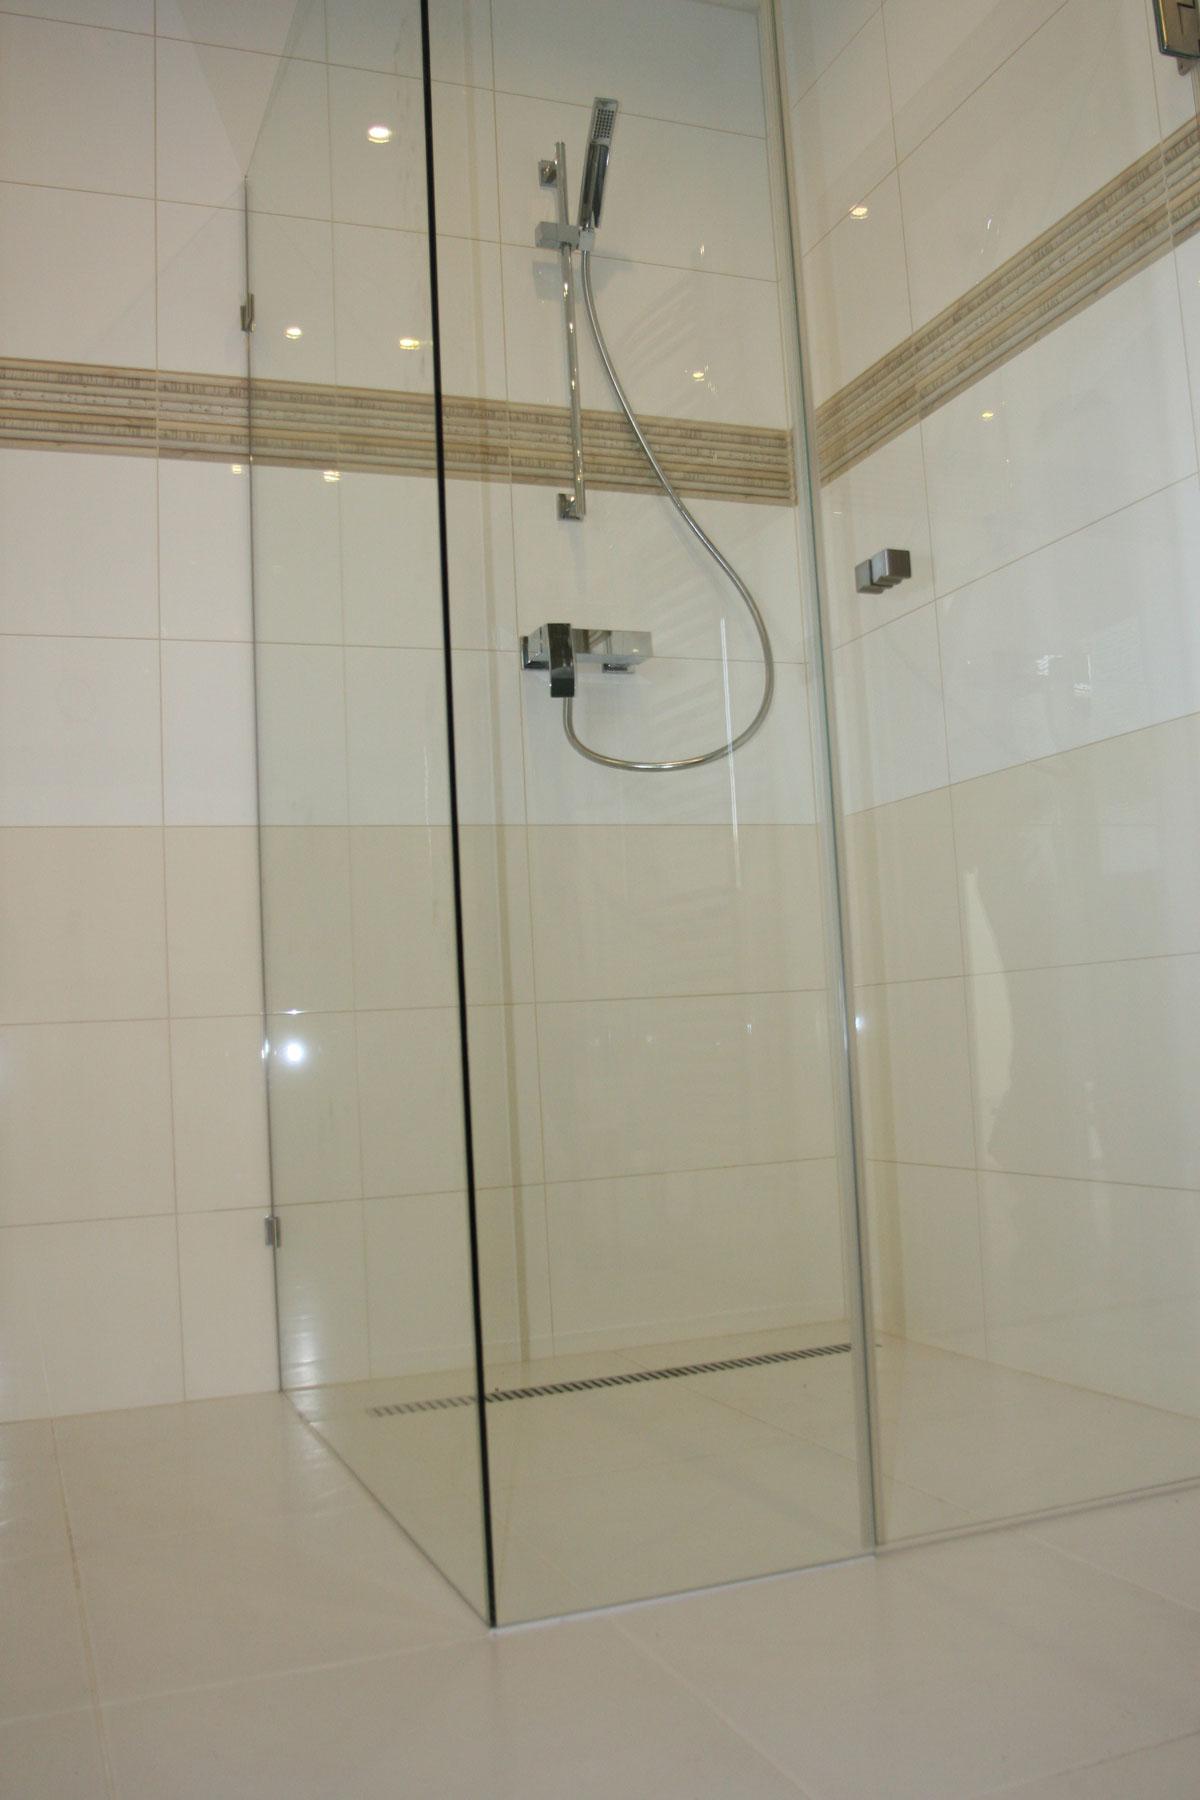 Sklenarstvi-Prerost-sprchove- kouty-a-sprchy (38)